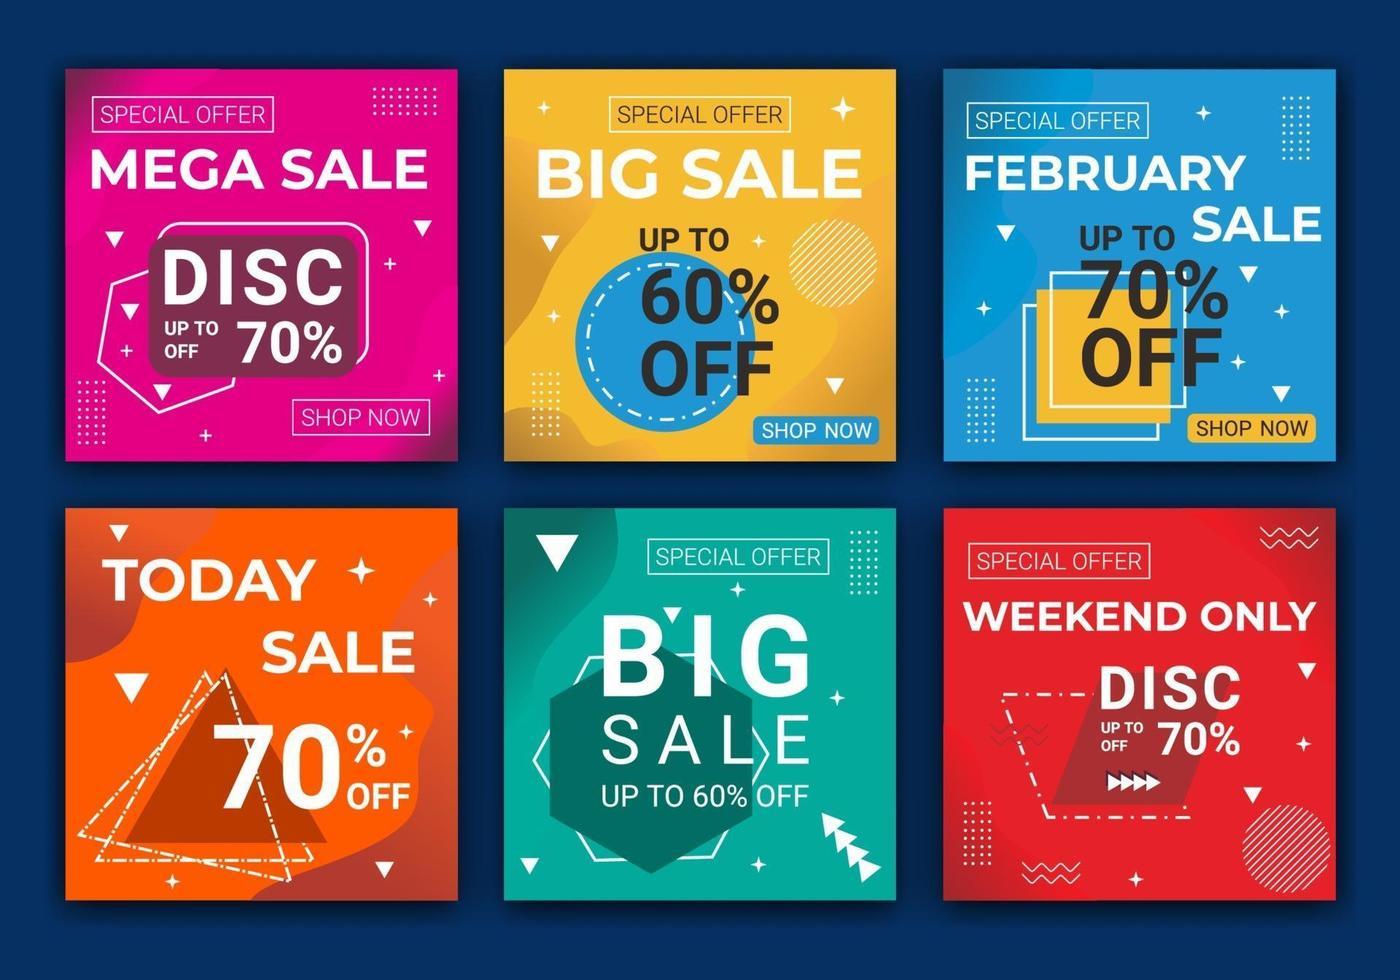 sociala medier annonser fyrkantig post mall bunt. modeförsäljning för webb-feed-postmall, redigerbara bakgrunder i minimal stil med flerfärgad. kreativ vektor enkel modern försäljningsförsäljning